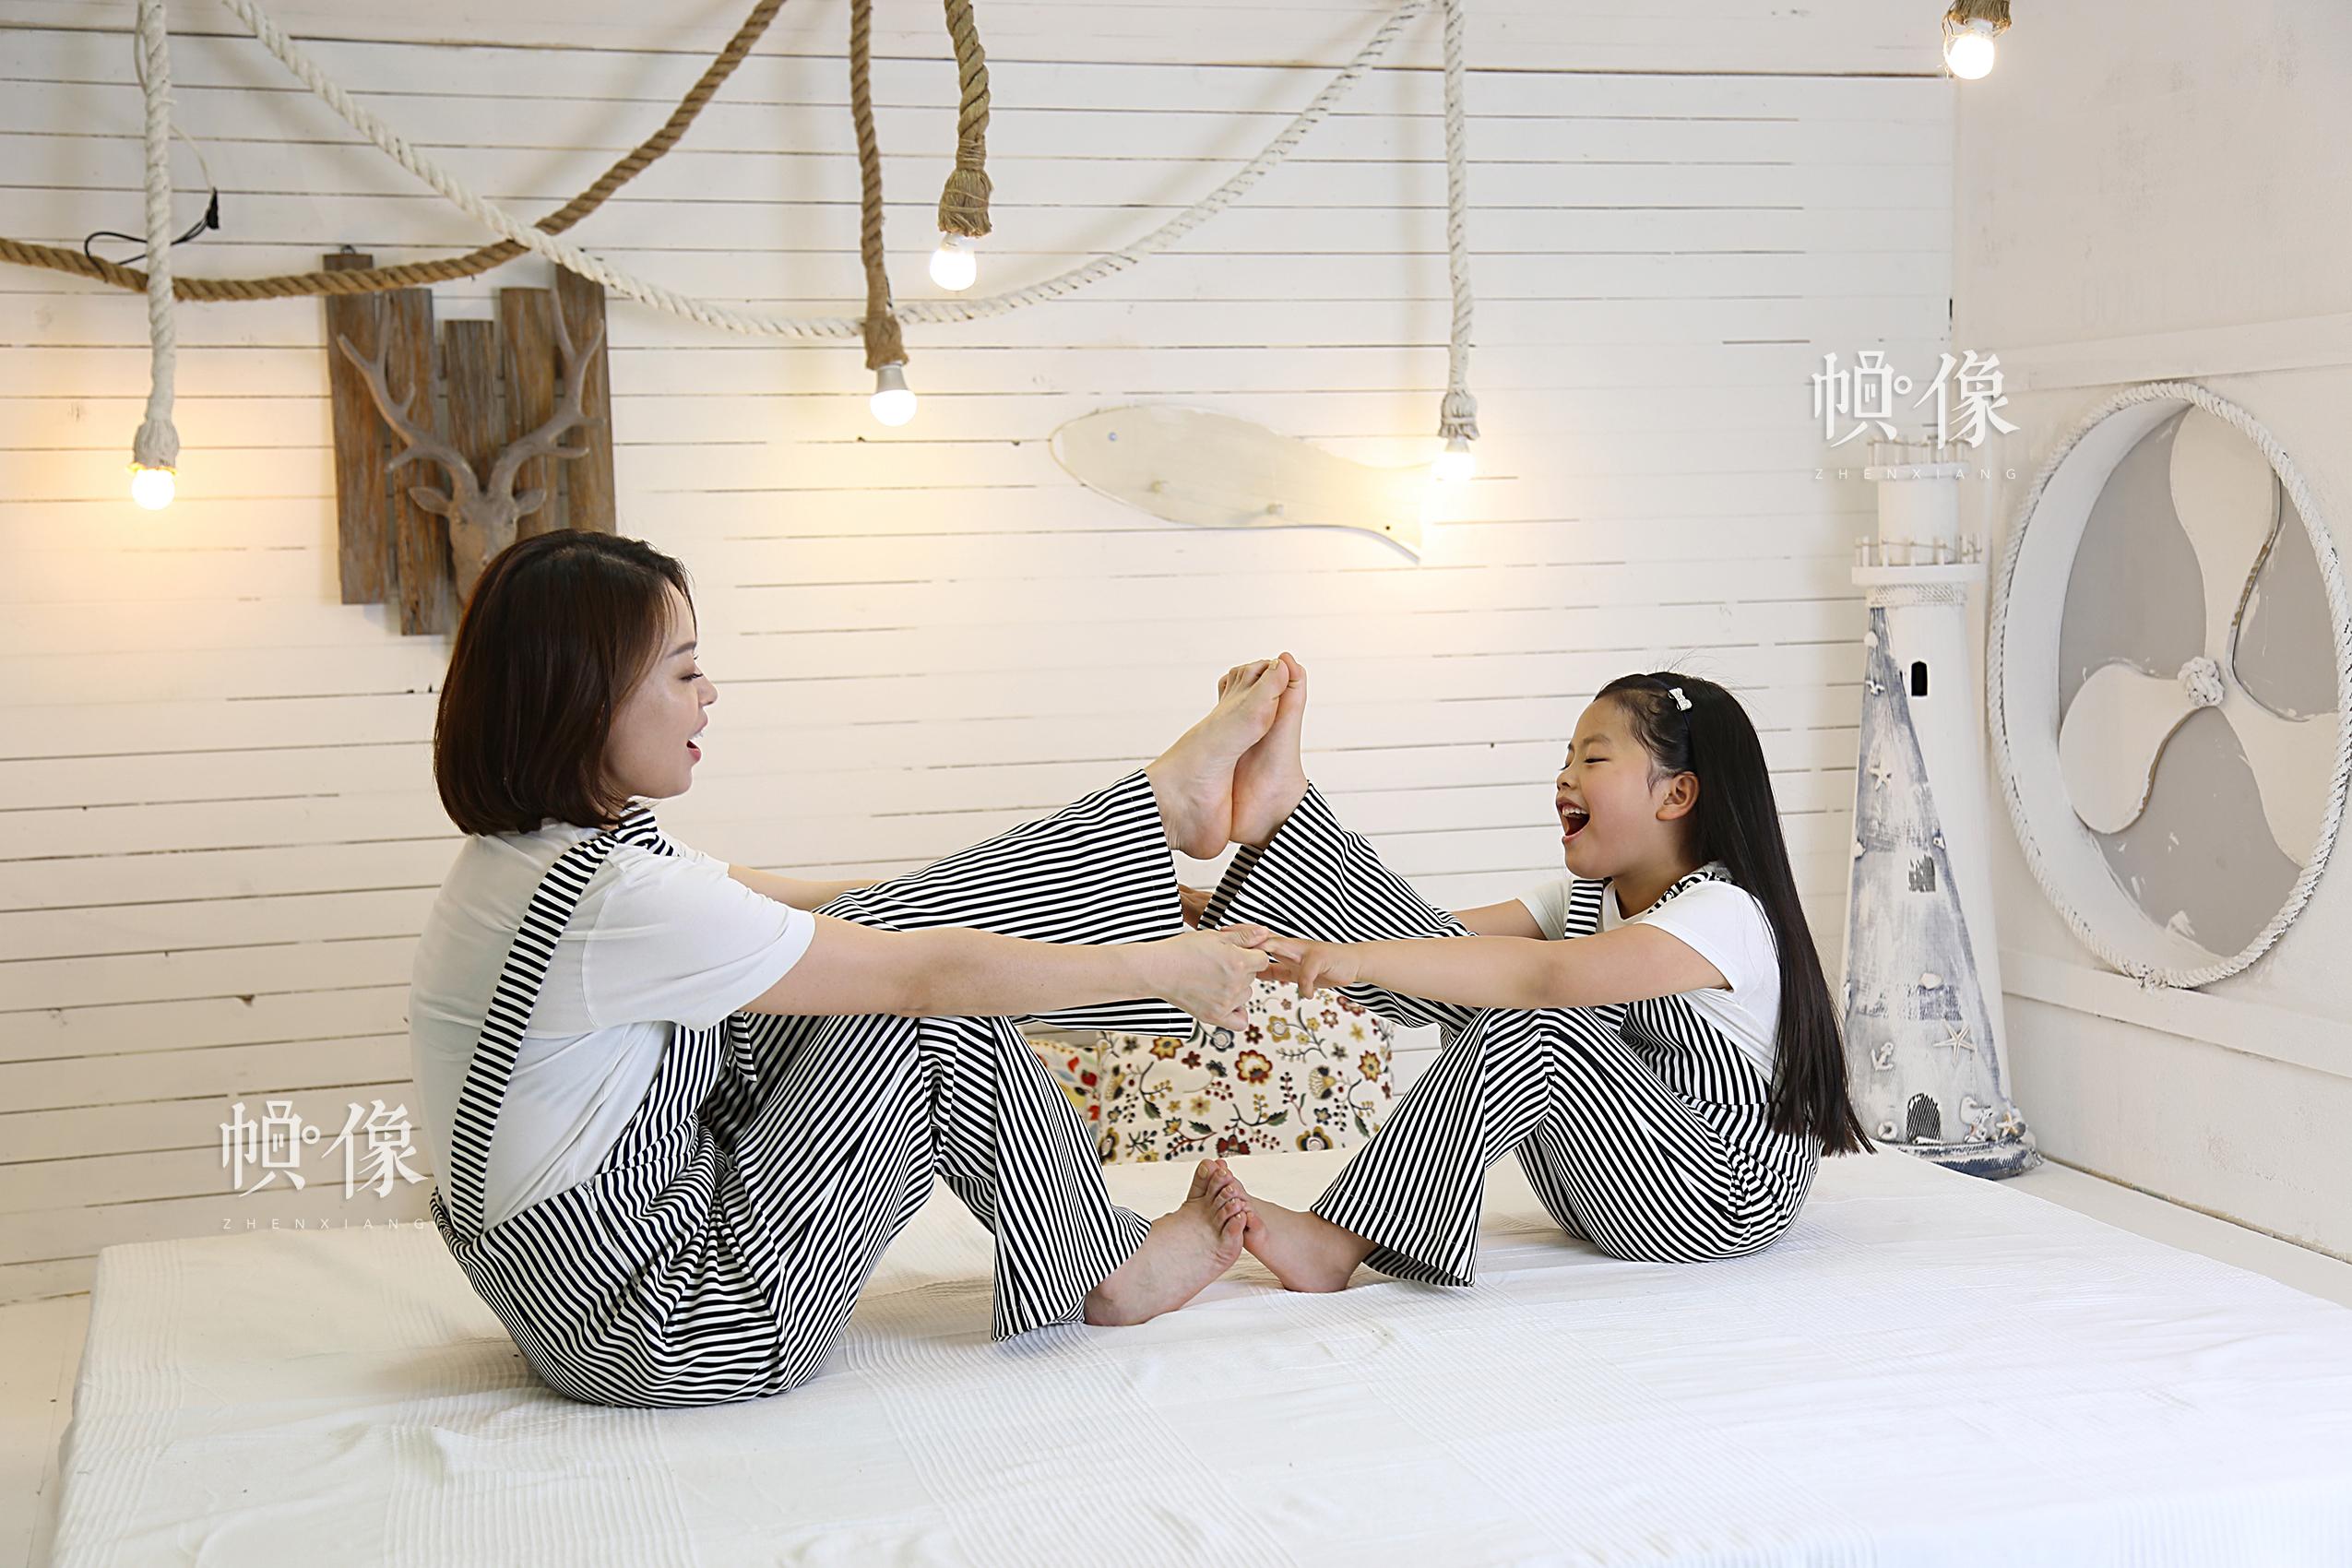 李春晓与大女儿合影,母女俩将平时在家练瑜伽的动作也带到了摄影棚。中国网记者黄富友 摄